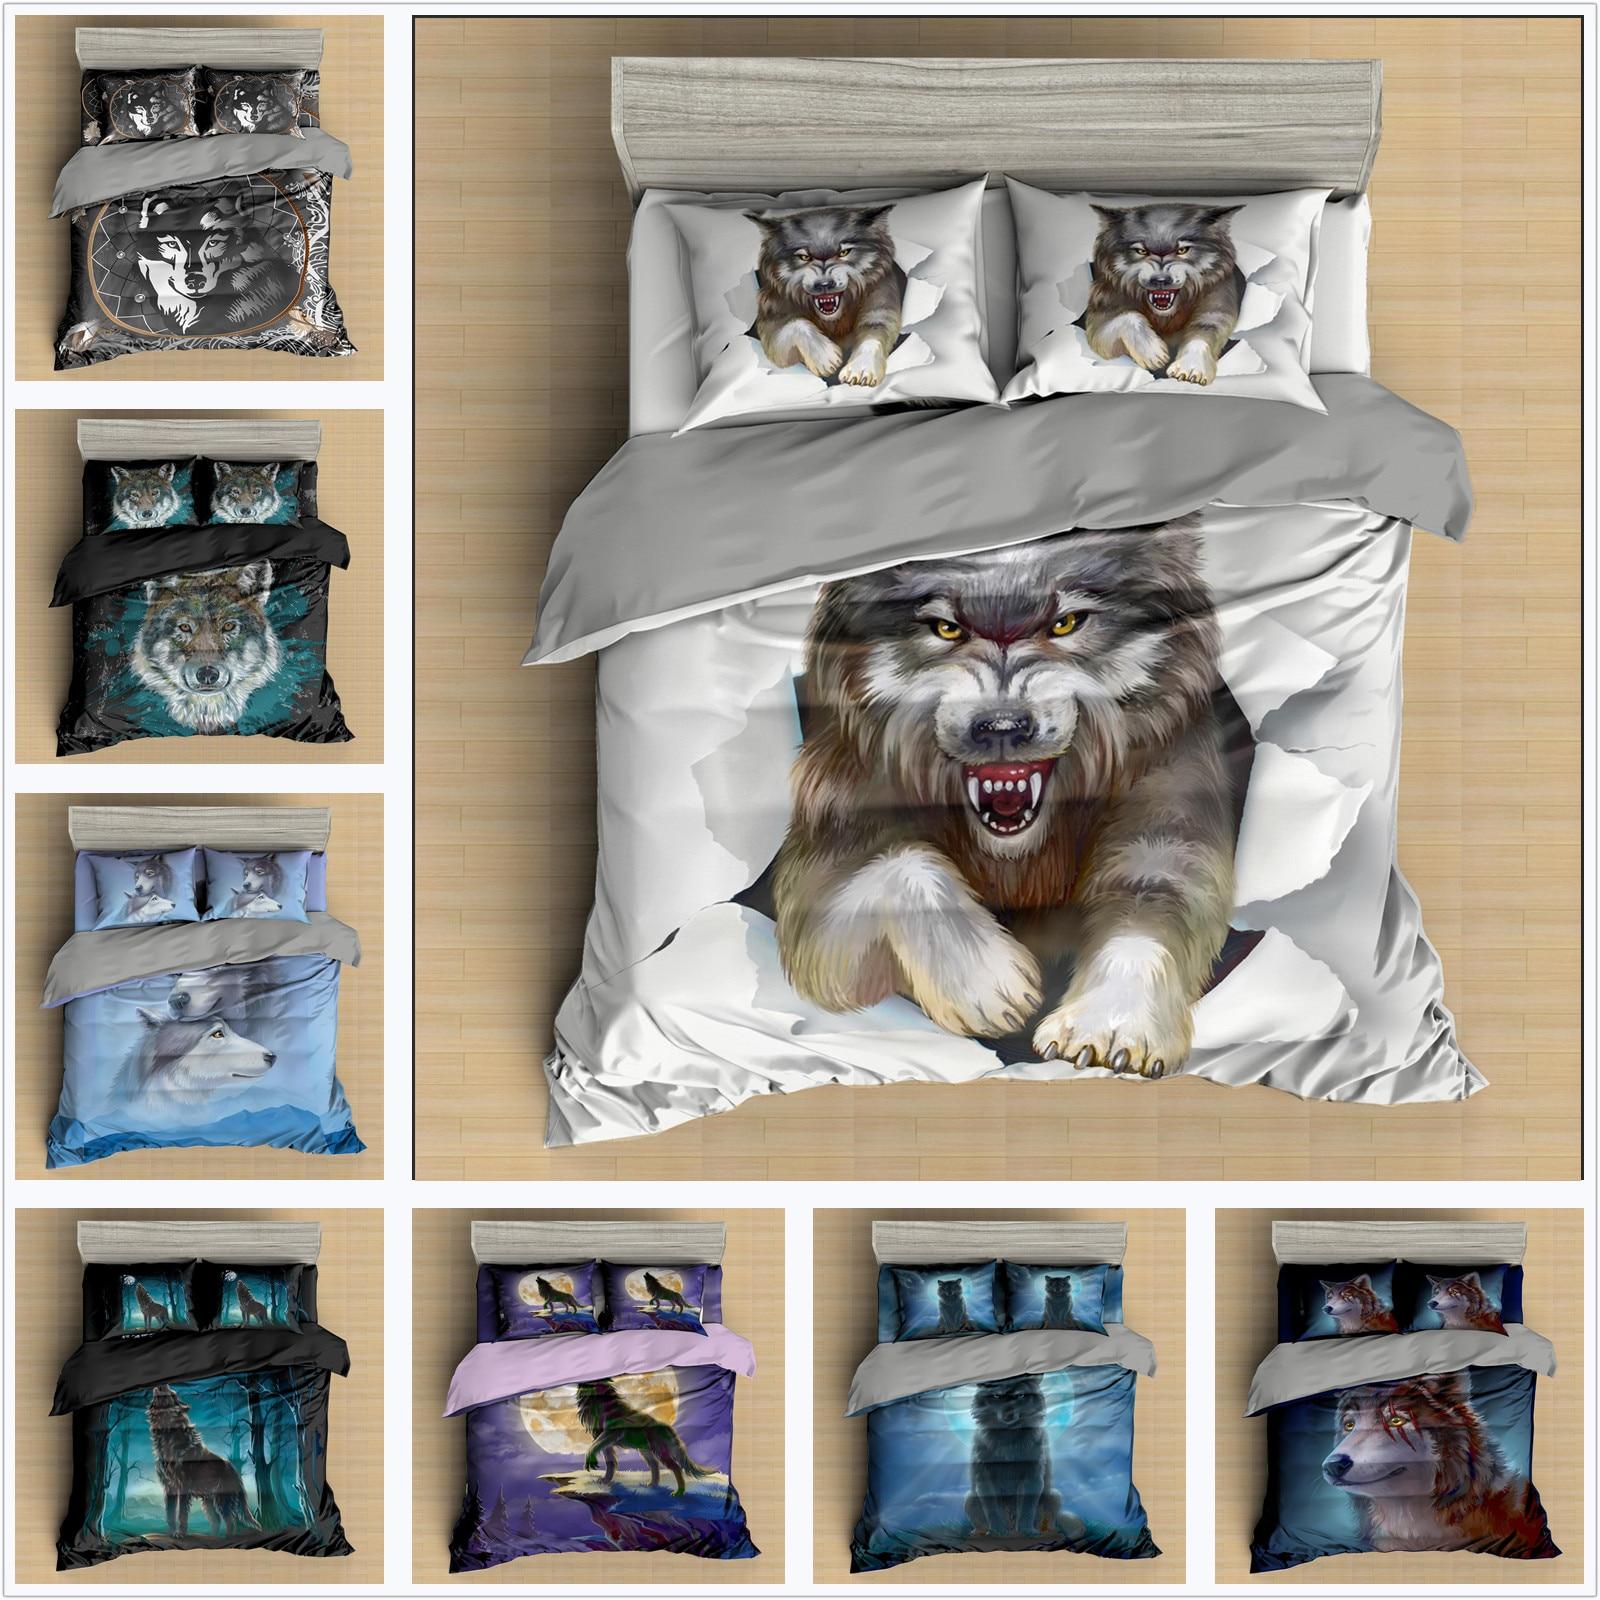 Juego de ropa de cama con estampado de lobo 3D de lujo, juego de edredón, ropa de cama textil para el hogar, fundas de edredón, juego de edredón